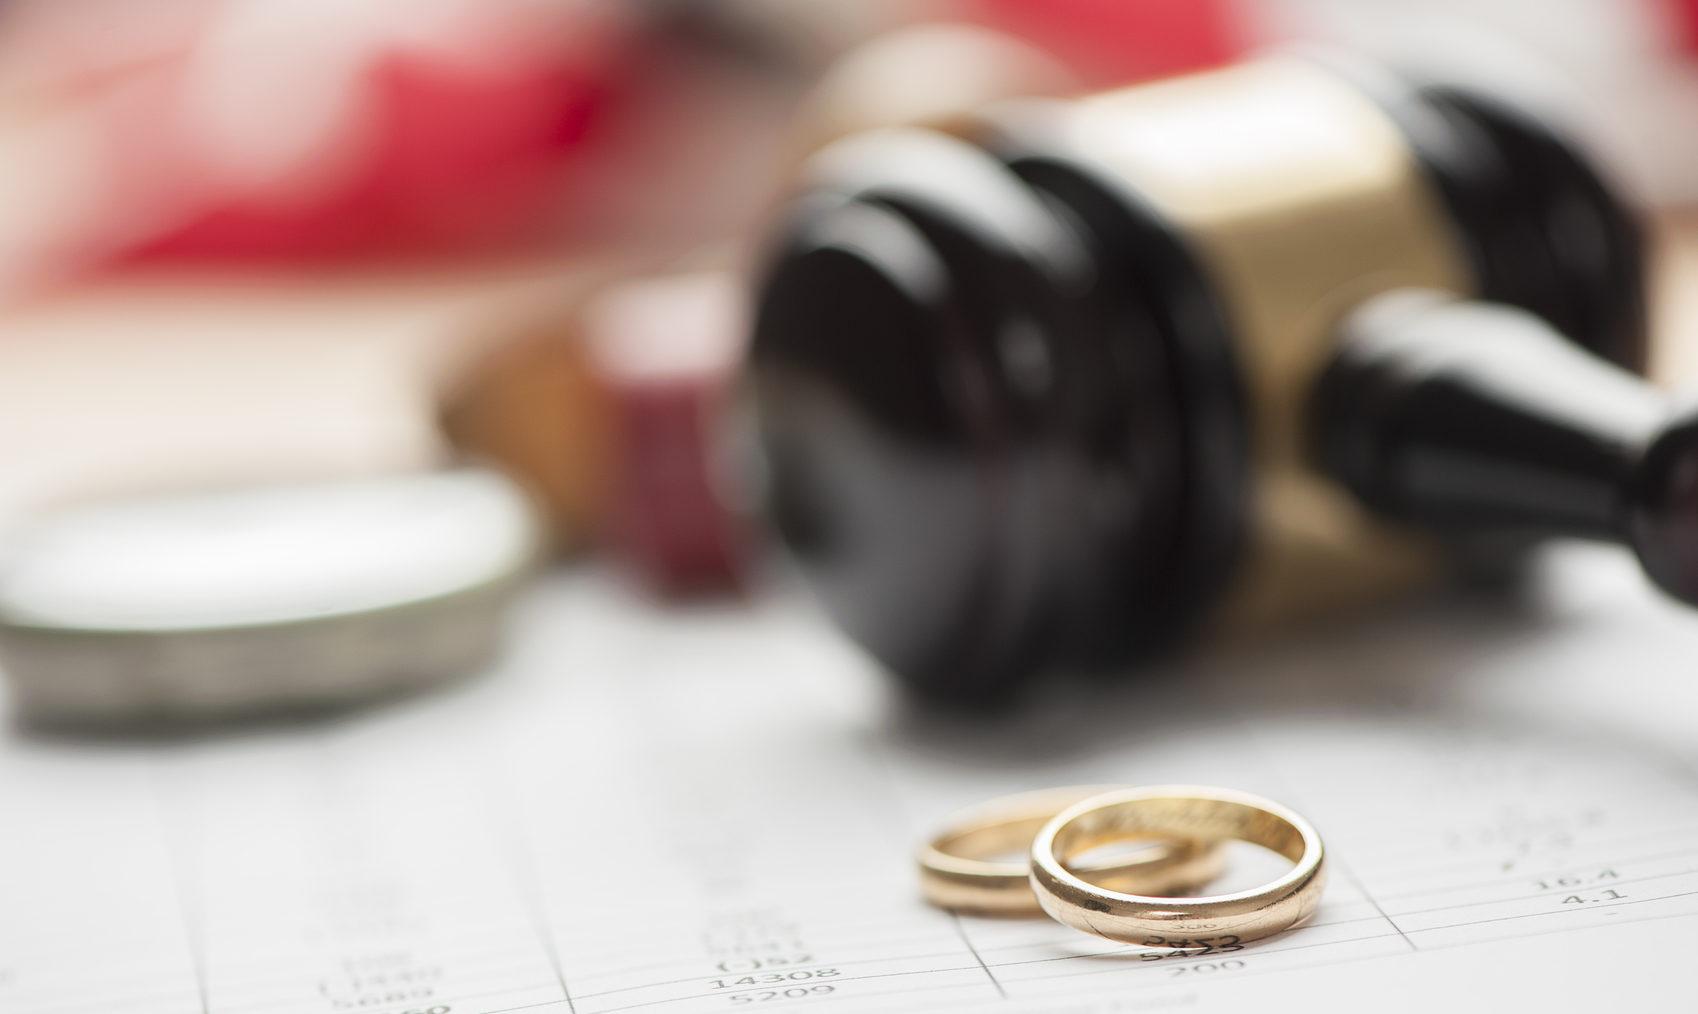 Do Grandparents Have Visitation Rights After a Divorce?